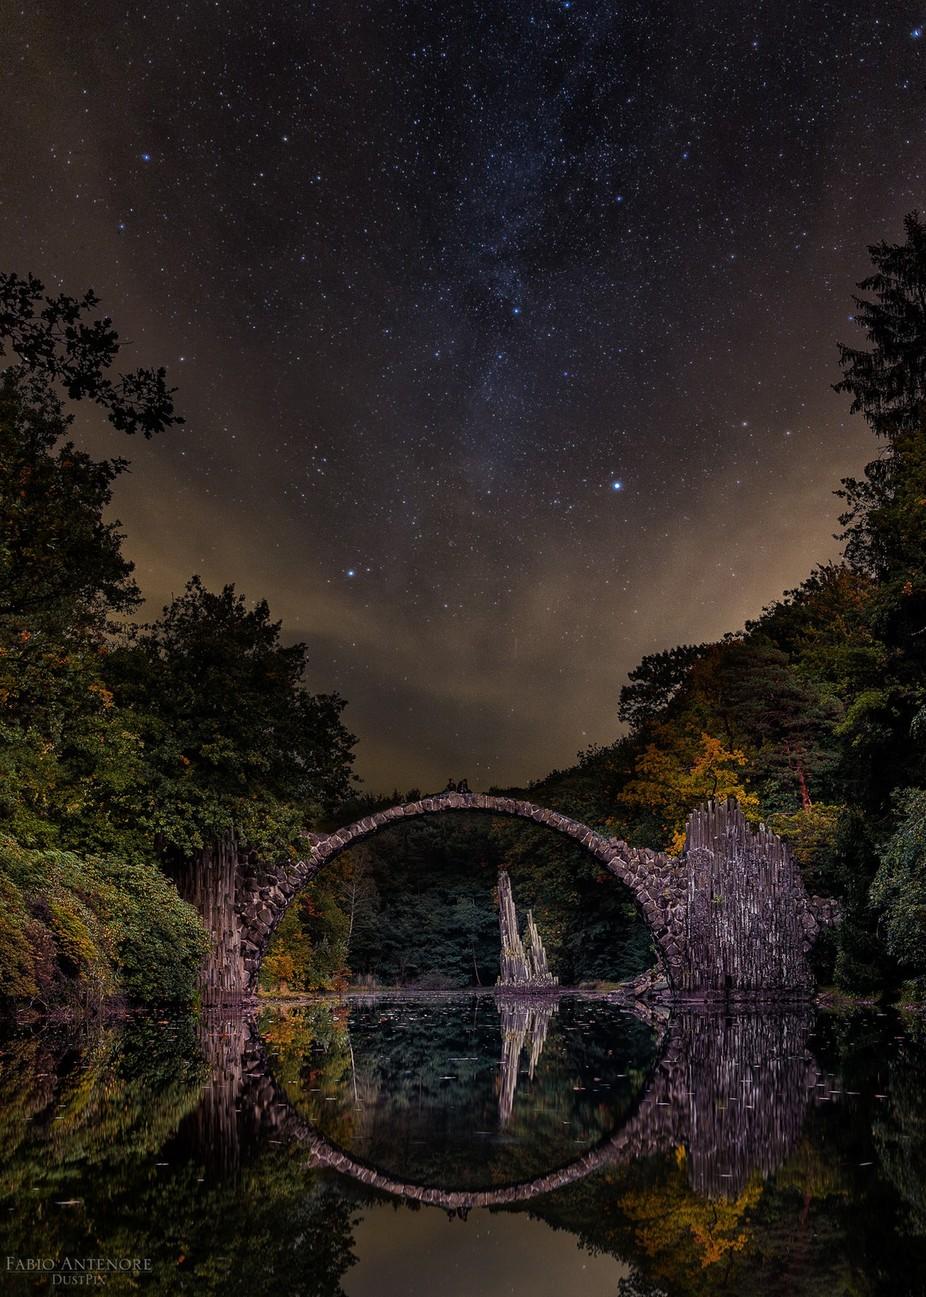 The Bridge by dustpixxByFabioAntenore - Monthly Pro Vol 17 Photo Contest